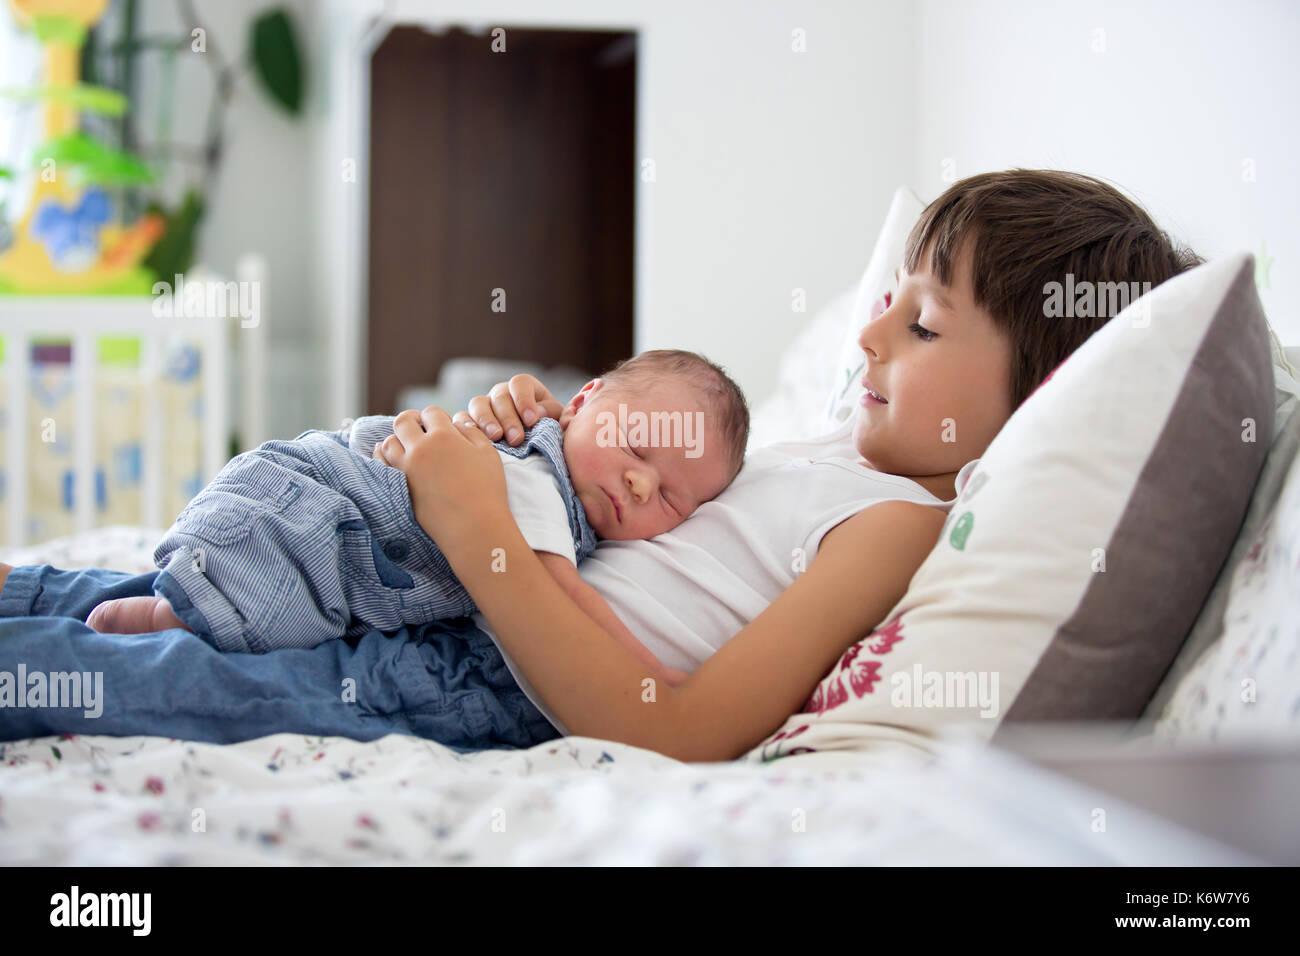 Beau garçon, serrant avec tendresse et soins son frère nouveau-né à la maison. famille amour bonheur concept Photo Stock